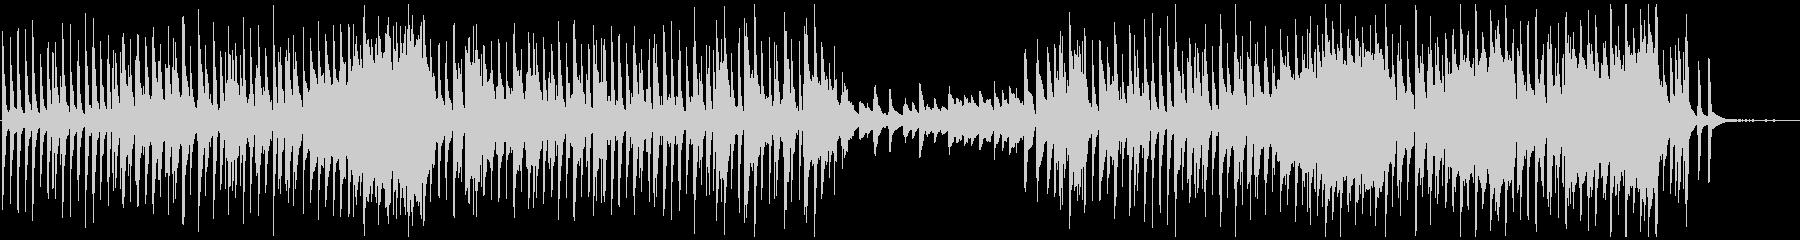 日常的なポップスの未再生の波形